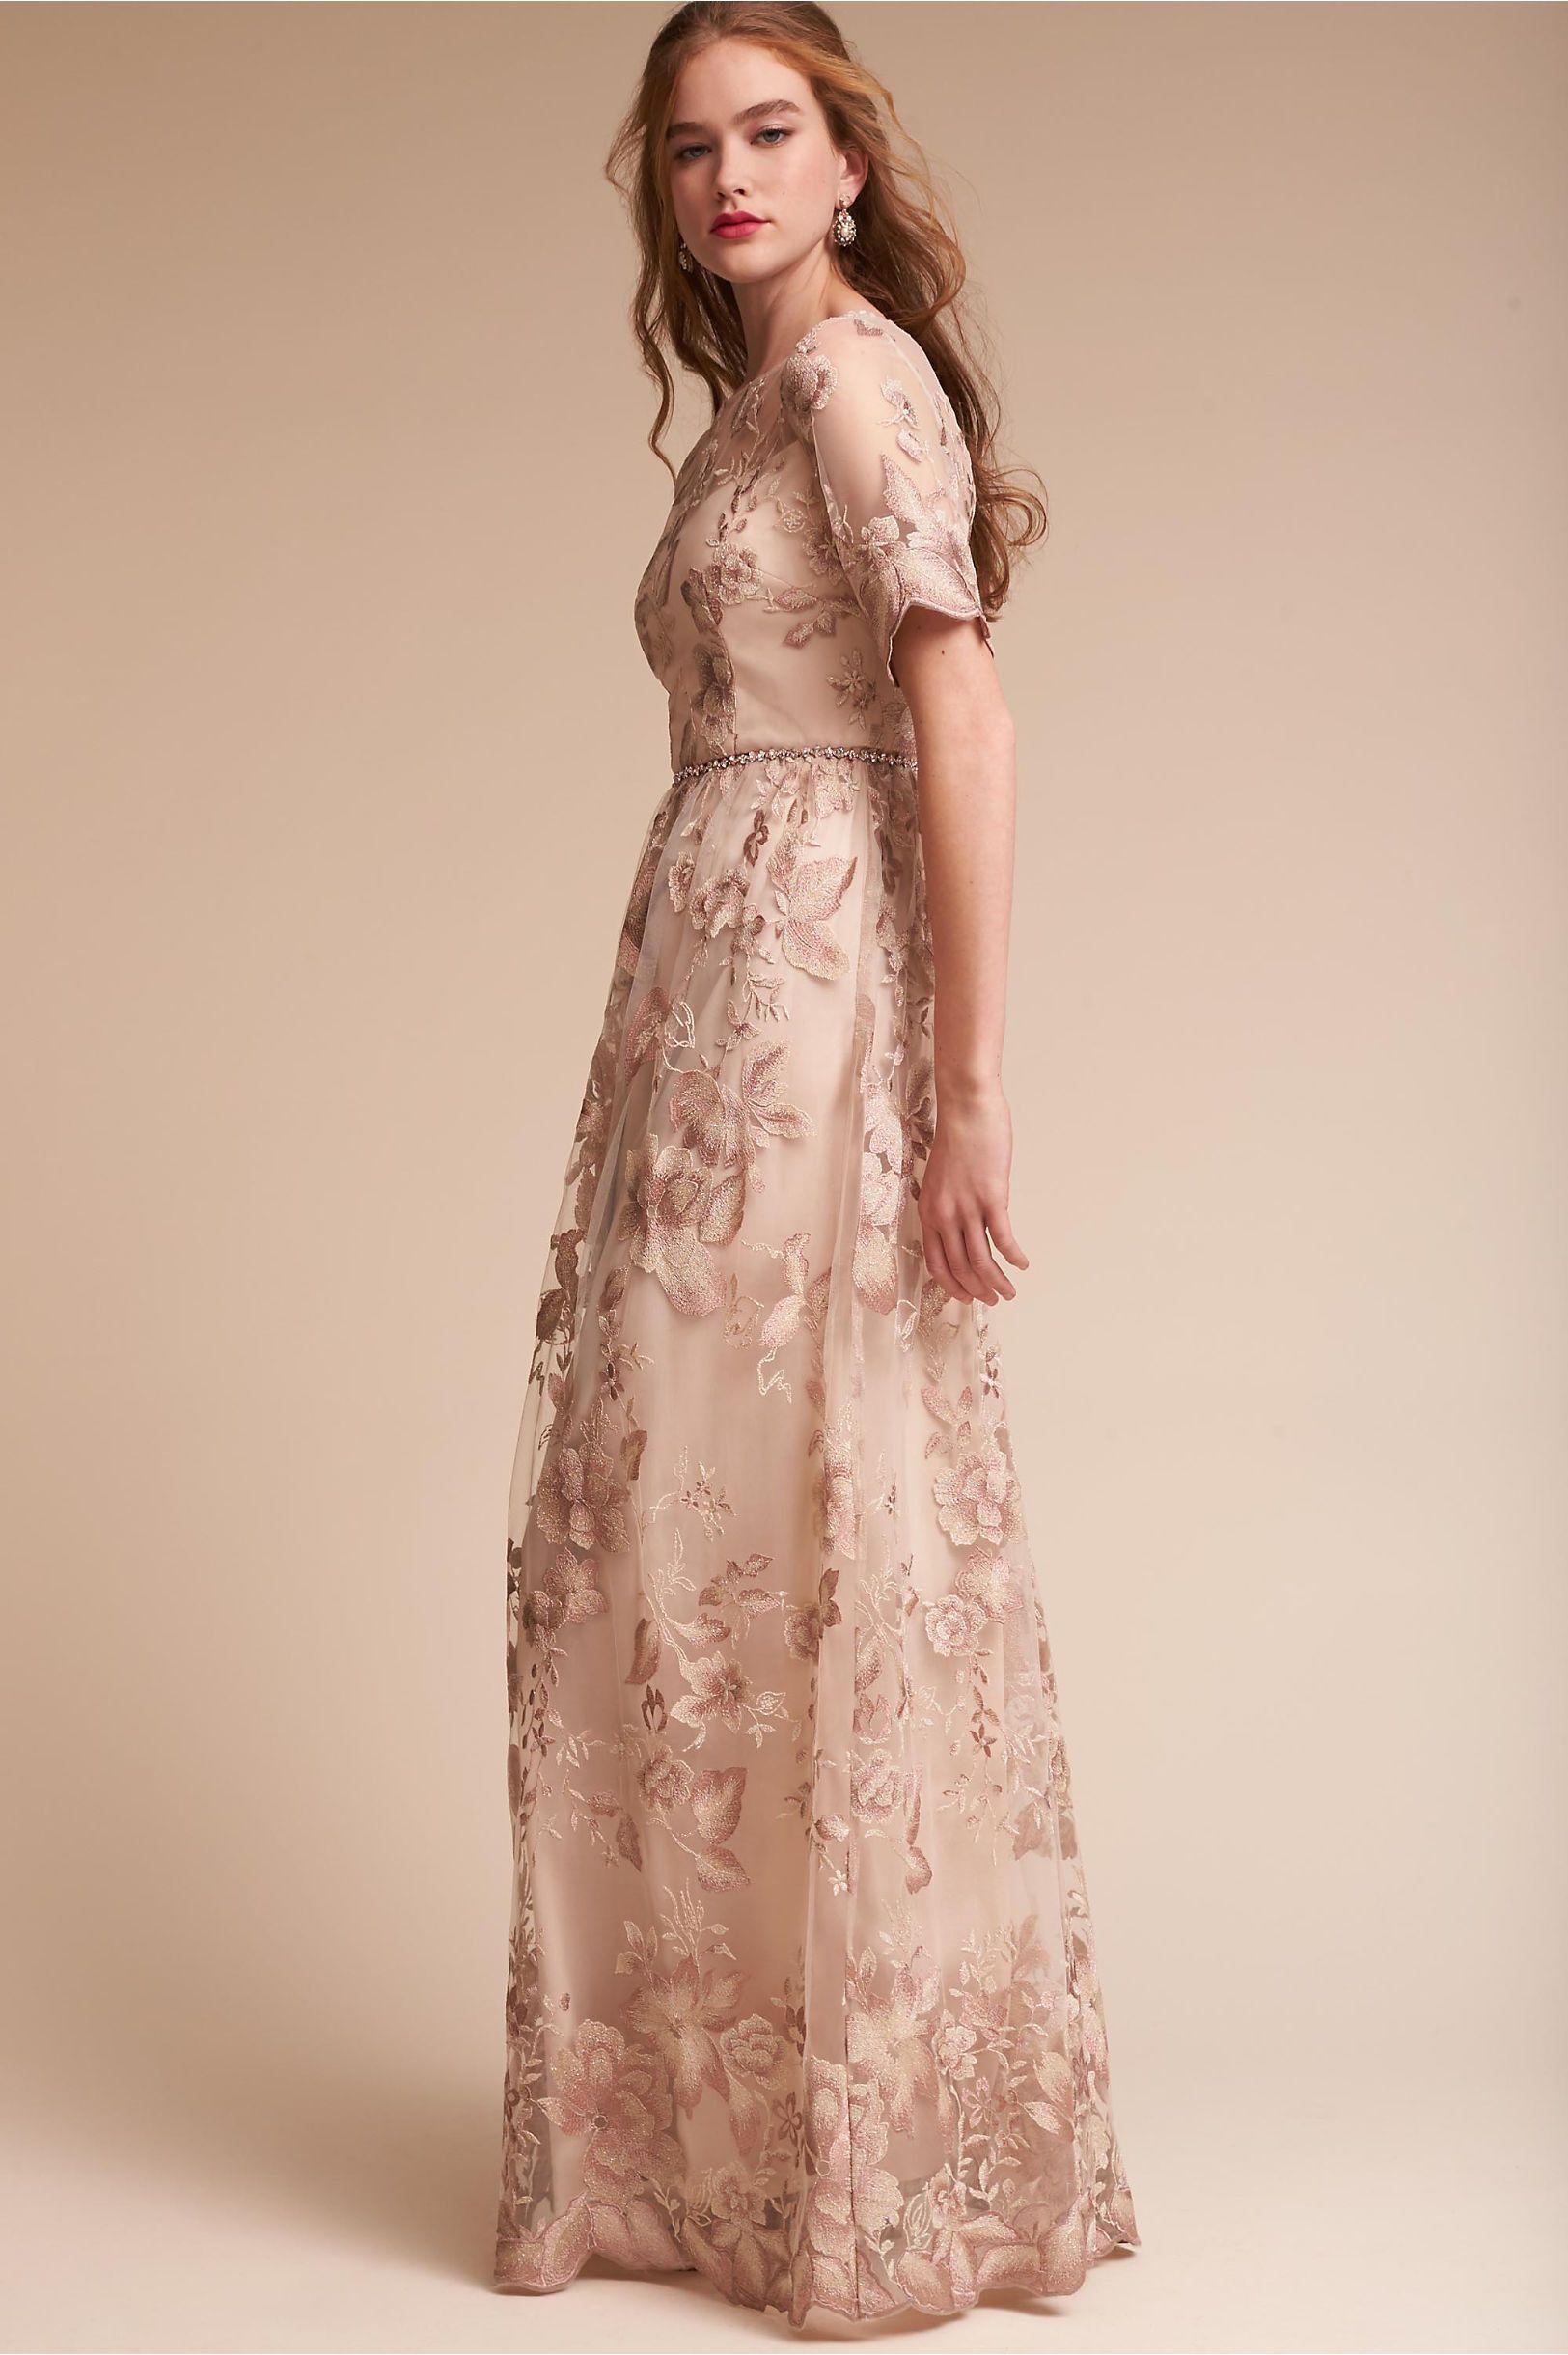 efcbb0709fa BHLDN Guilia Dress Rose Quartz in Occasion Dresses